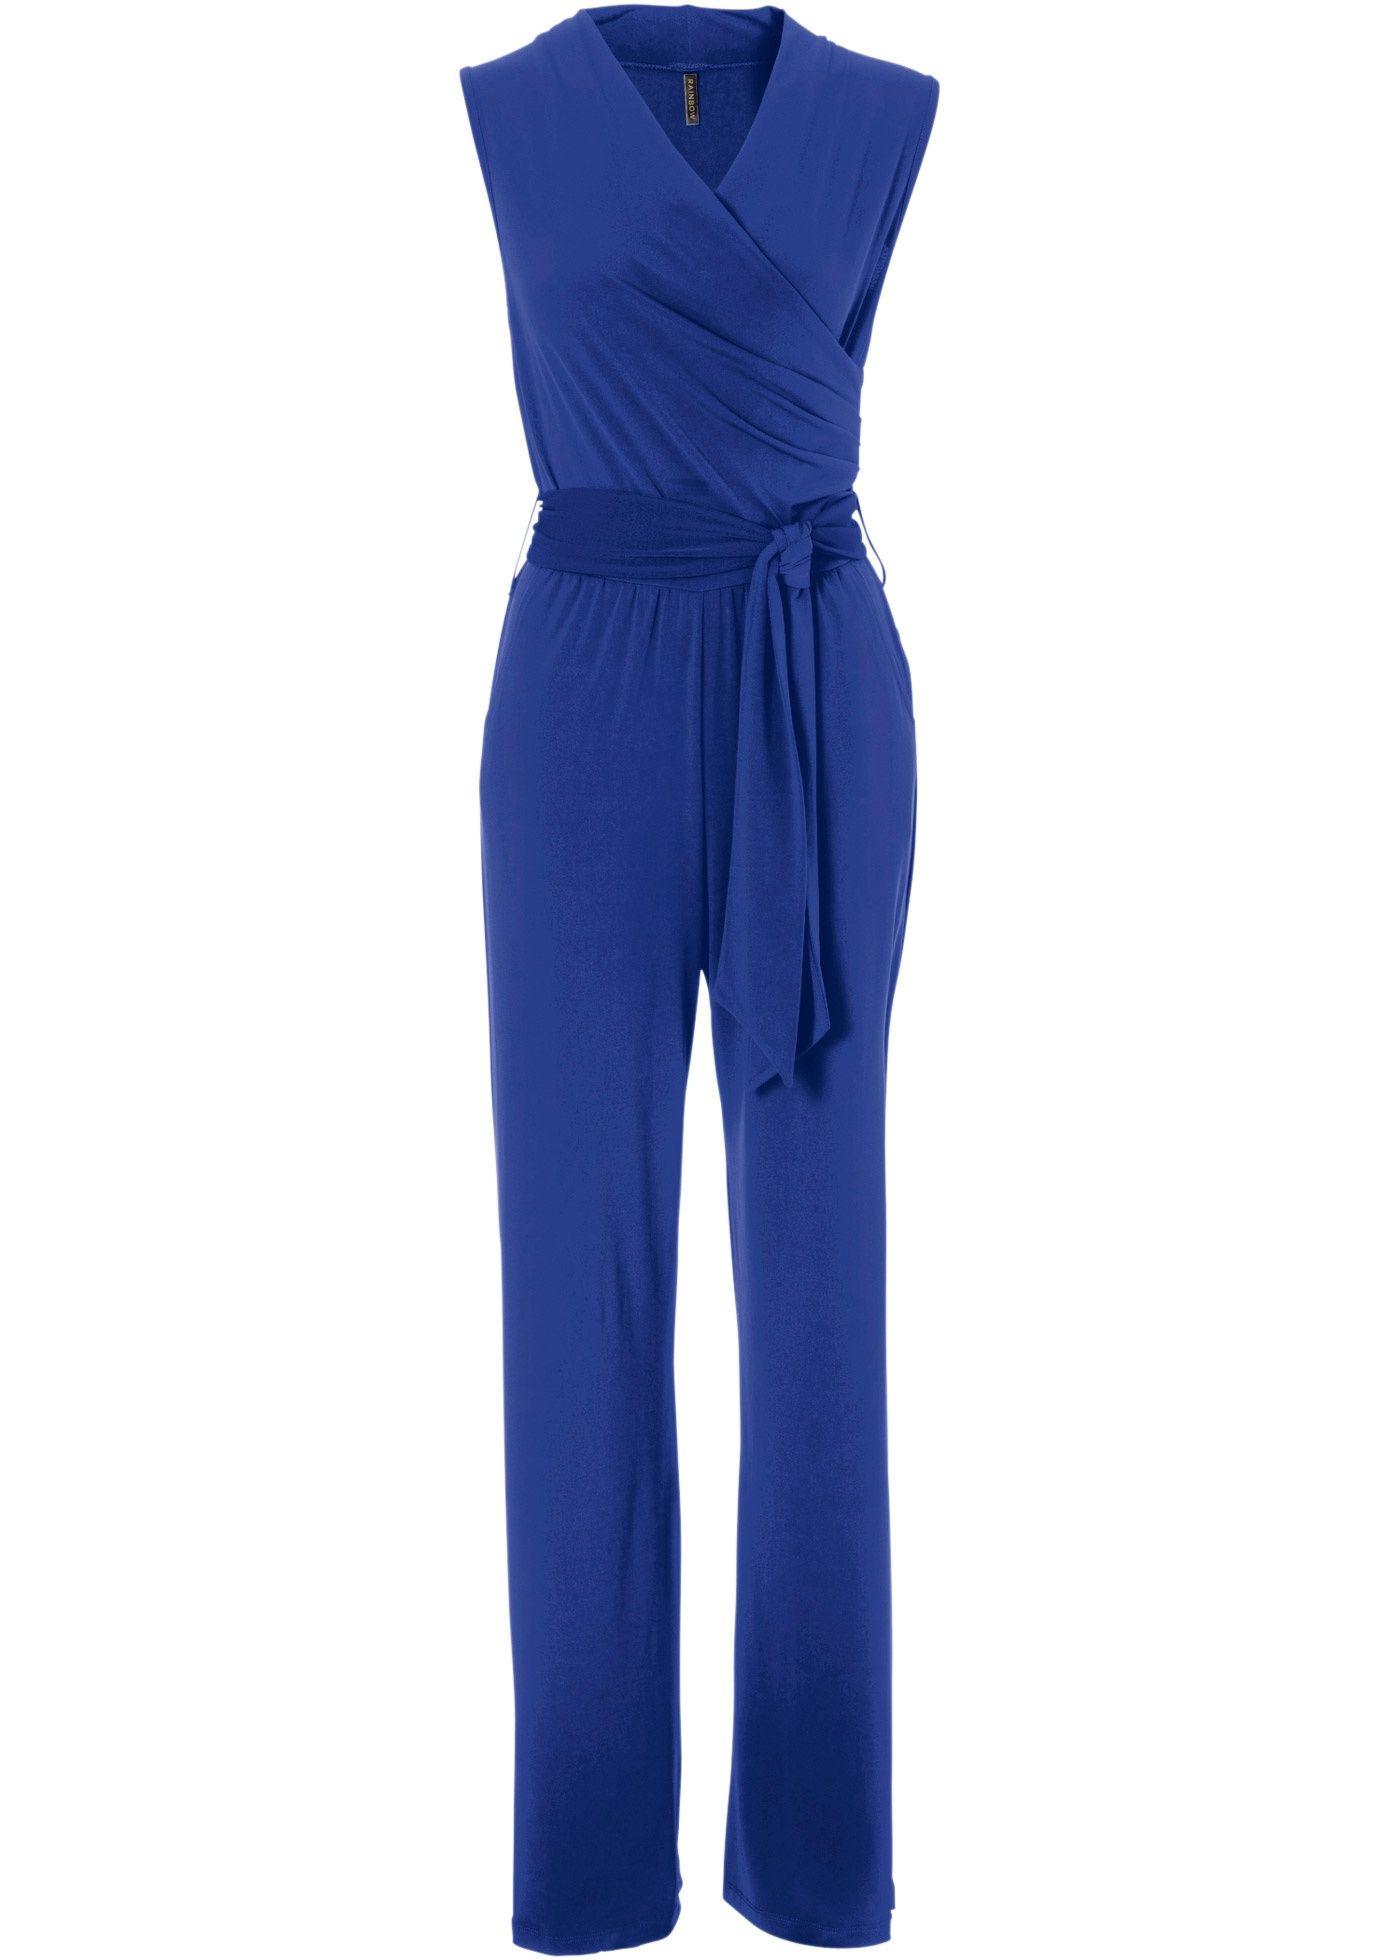 Macacão pantalona com cinto azul escuro encomendar agora na loja on-line  bonprix.de R  119 1510a01bac118